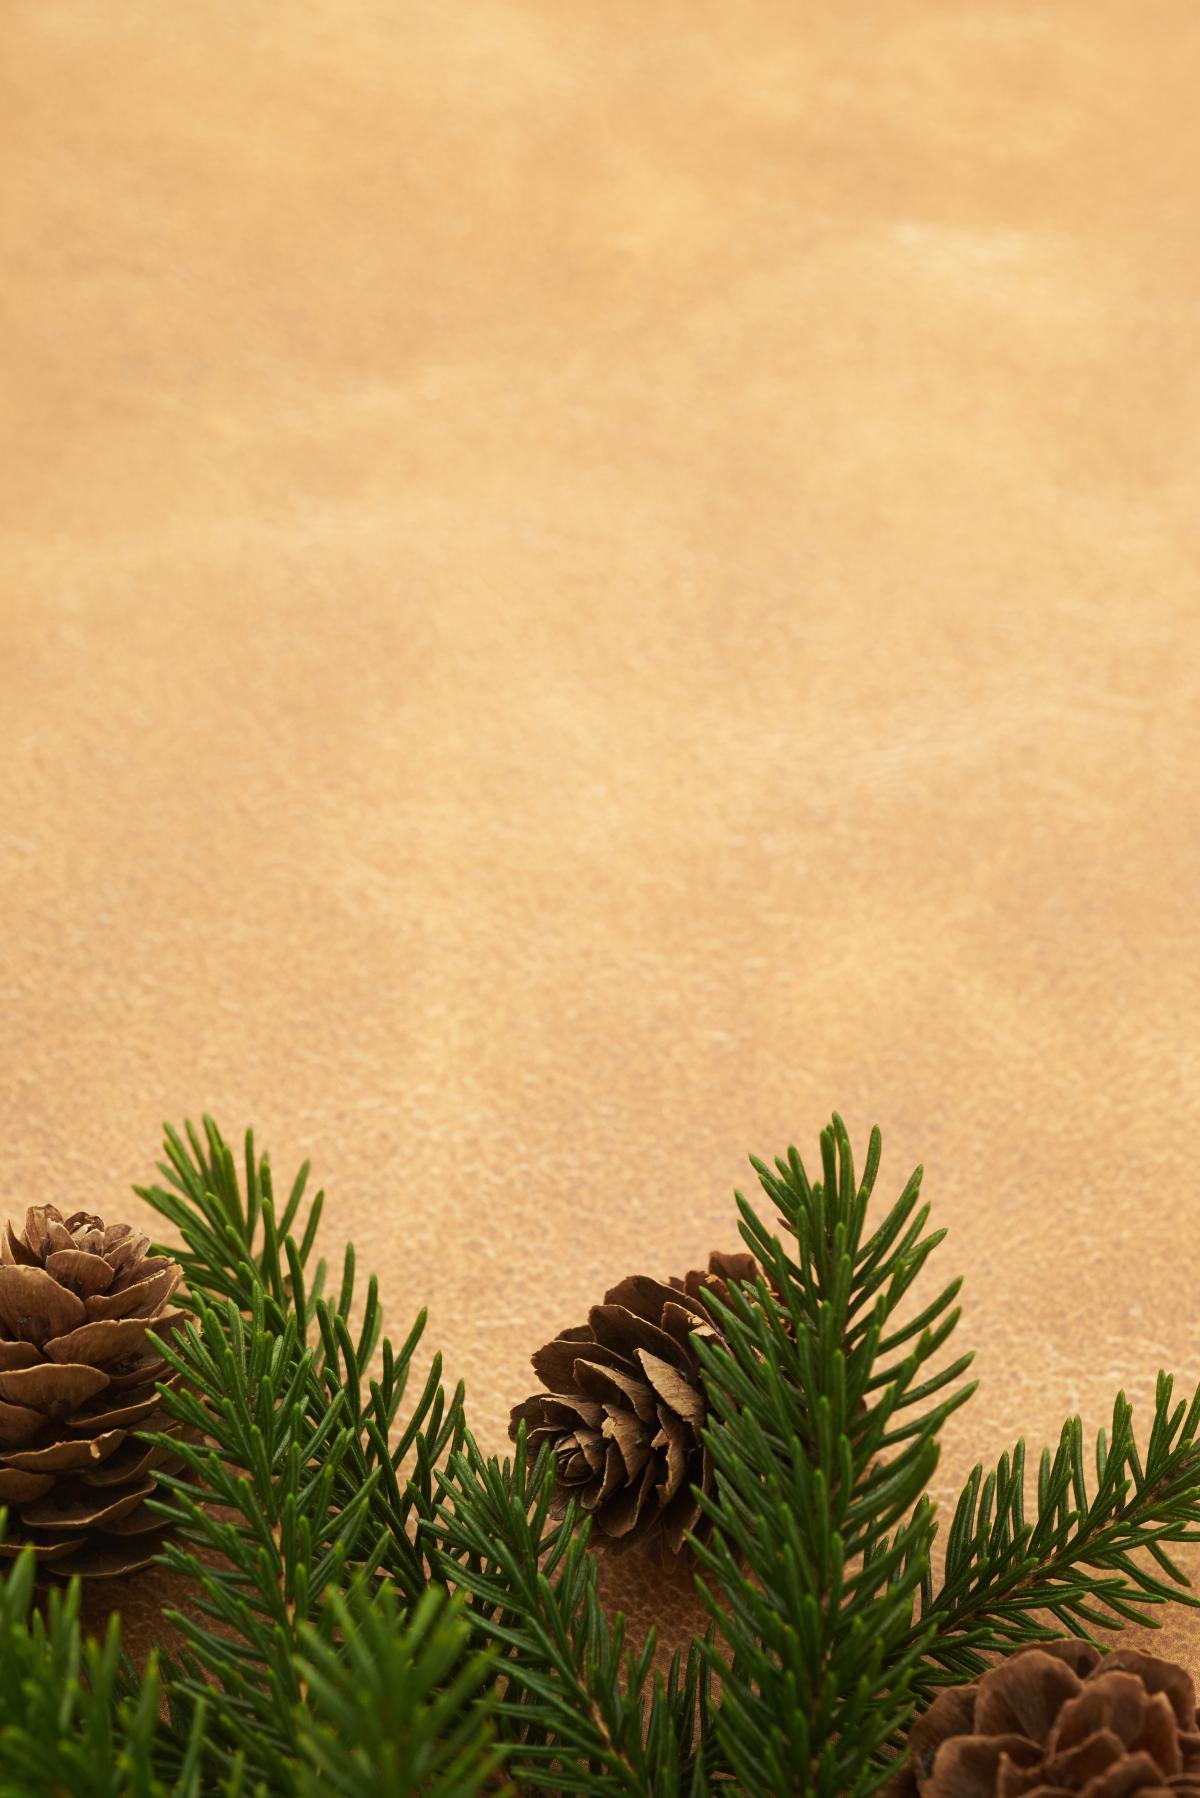 Fir Evergreen Tree #426161